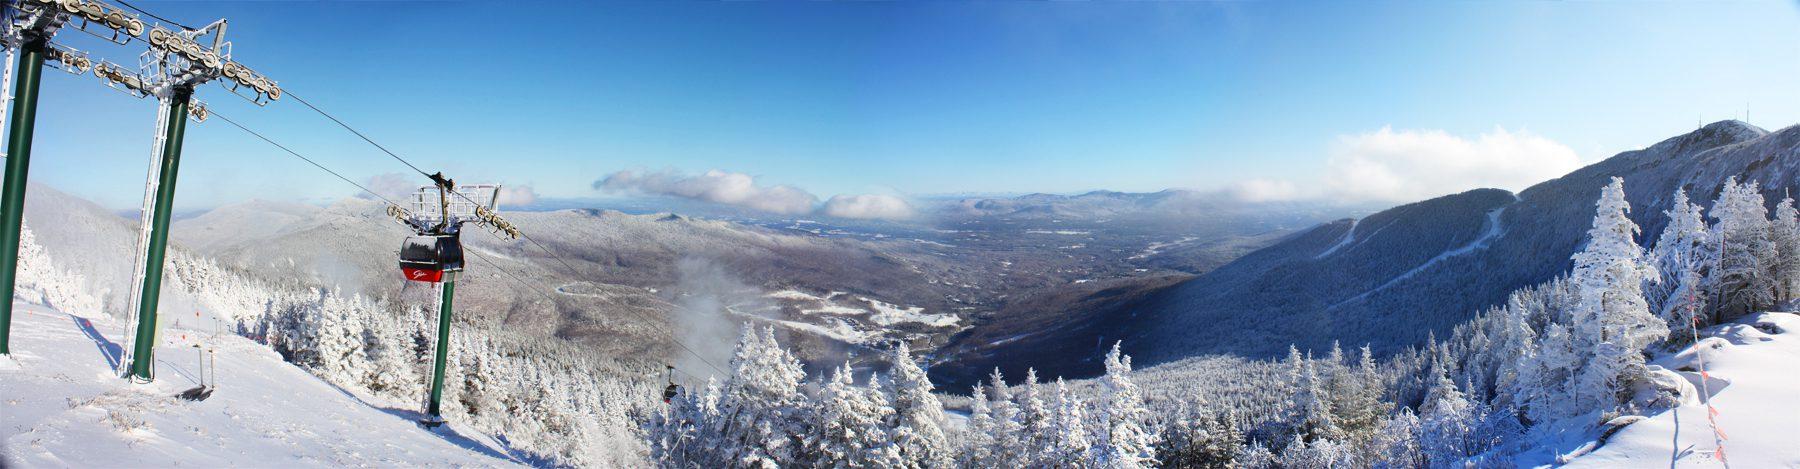 Mt. Mansfield, Stowe, Vermont